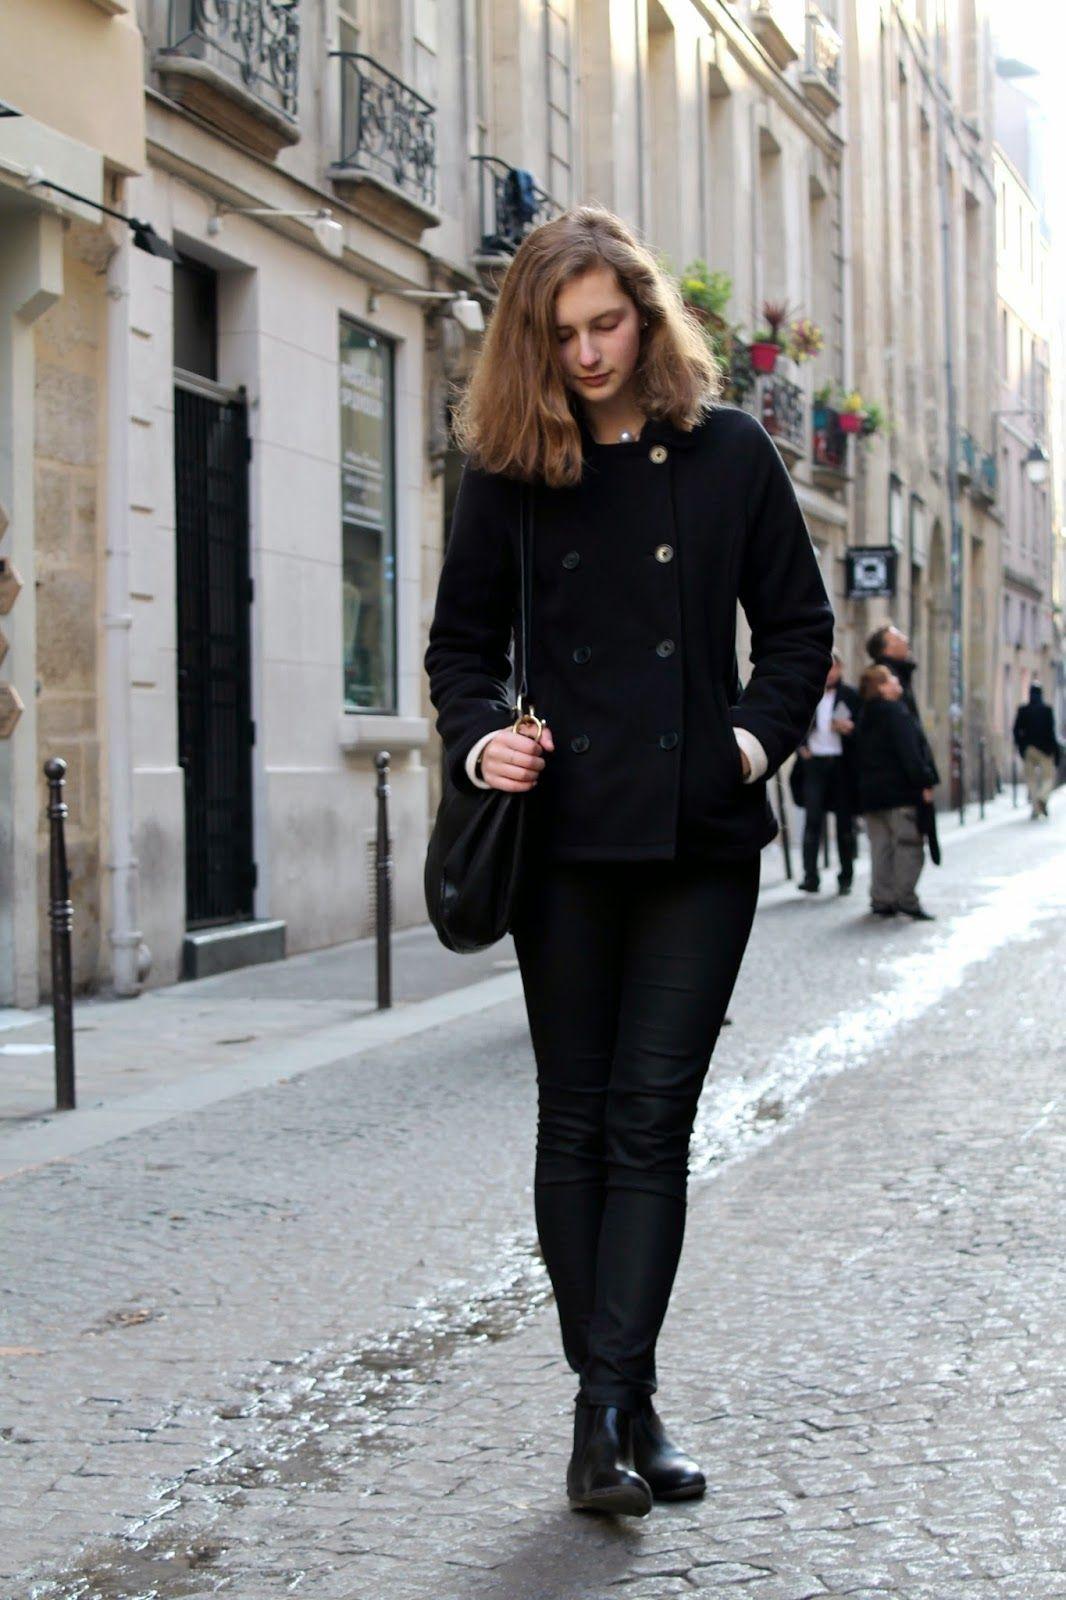 Petite Maison of Fashion : Classique. All black look in Paris, France.